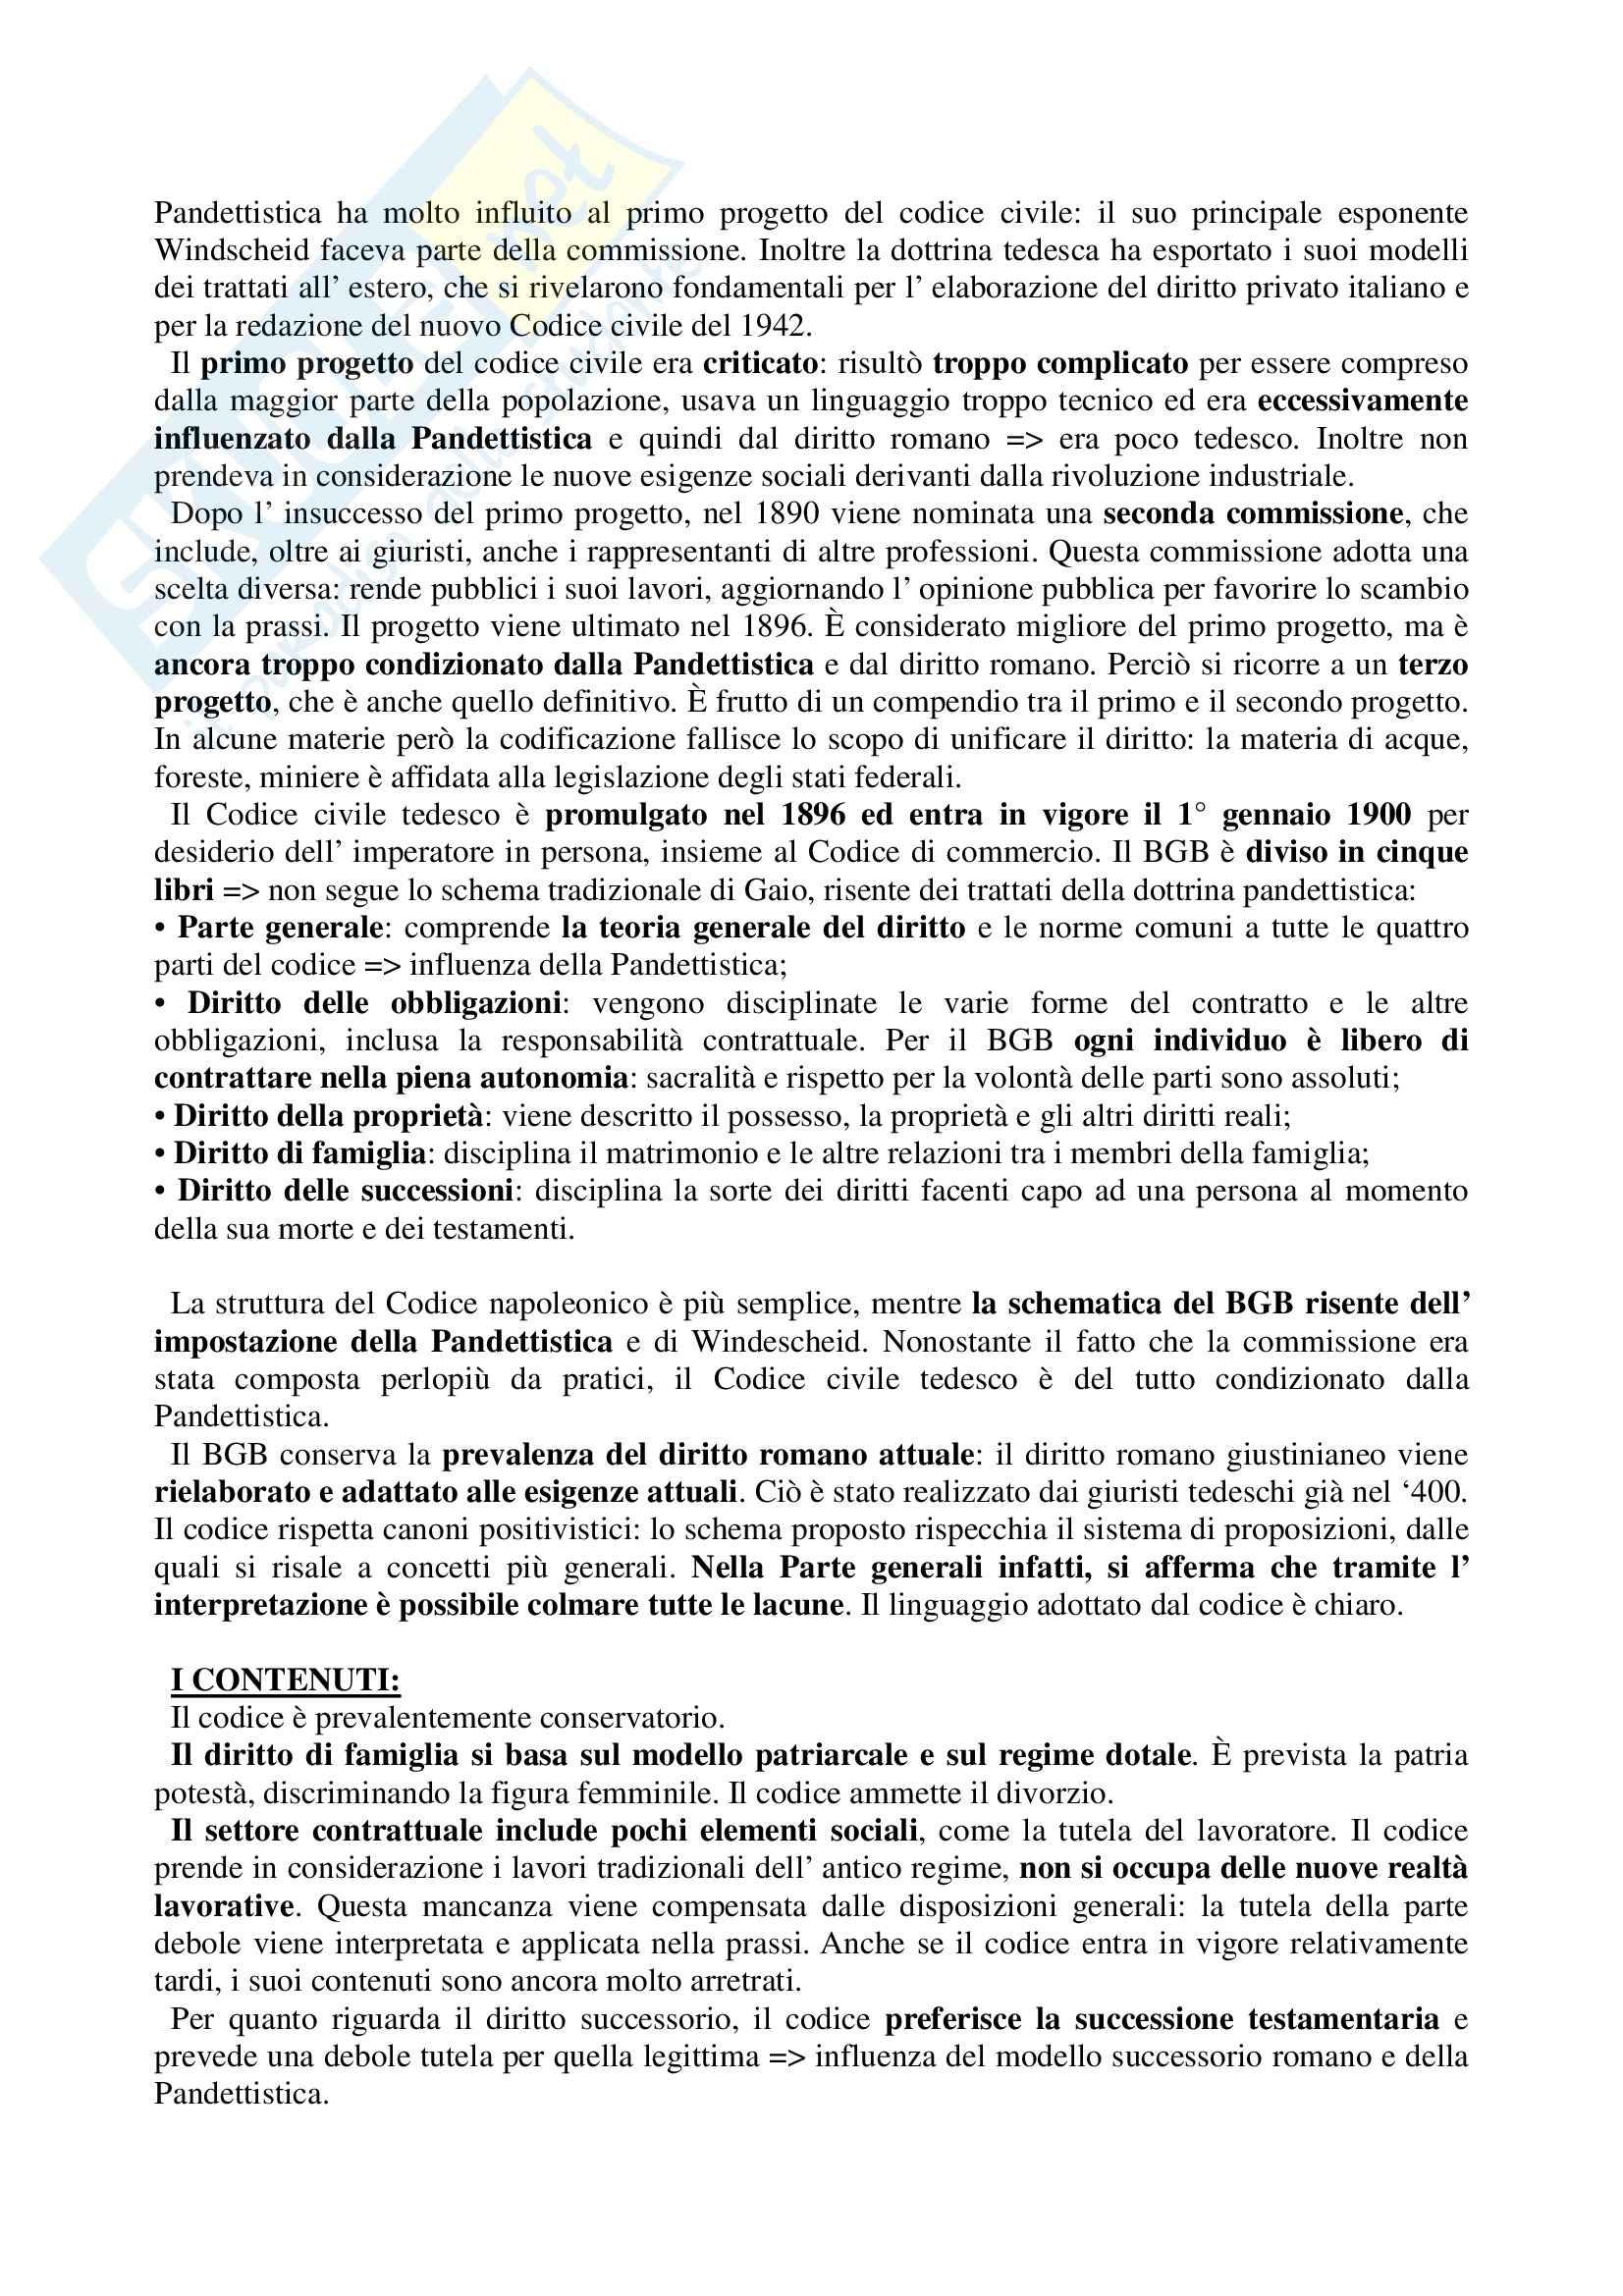 Storia del diritto medievale e moderno - Appunti Pag. 31